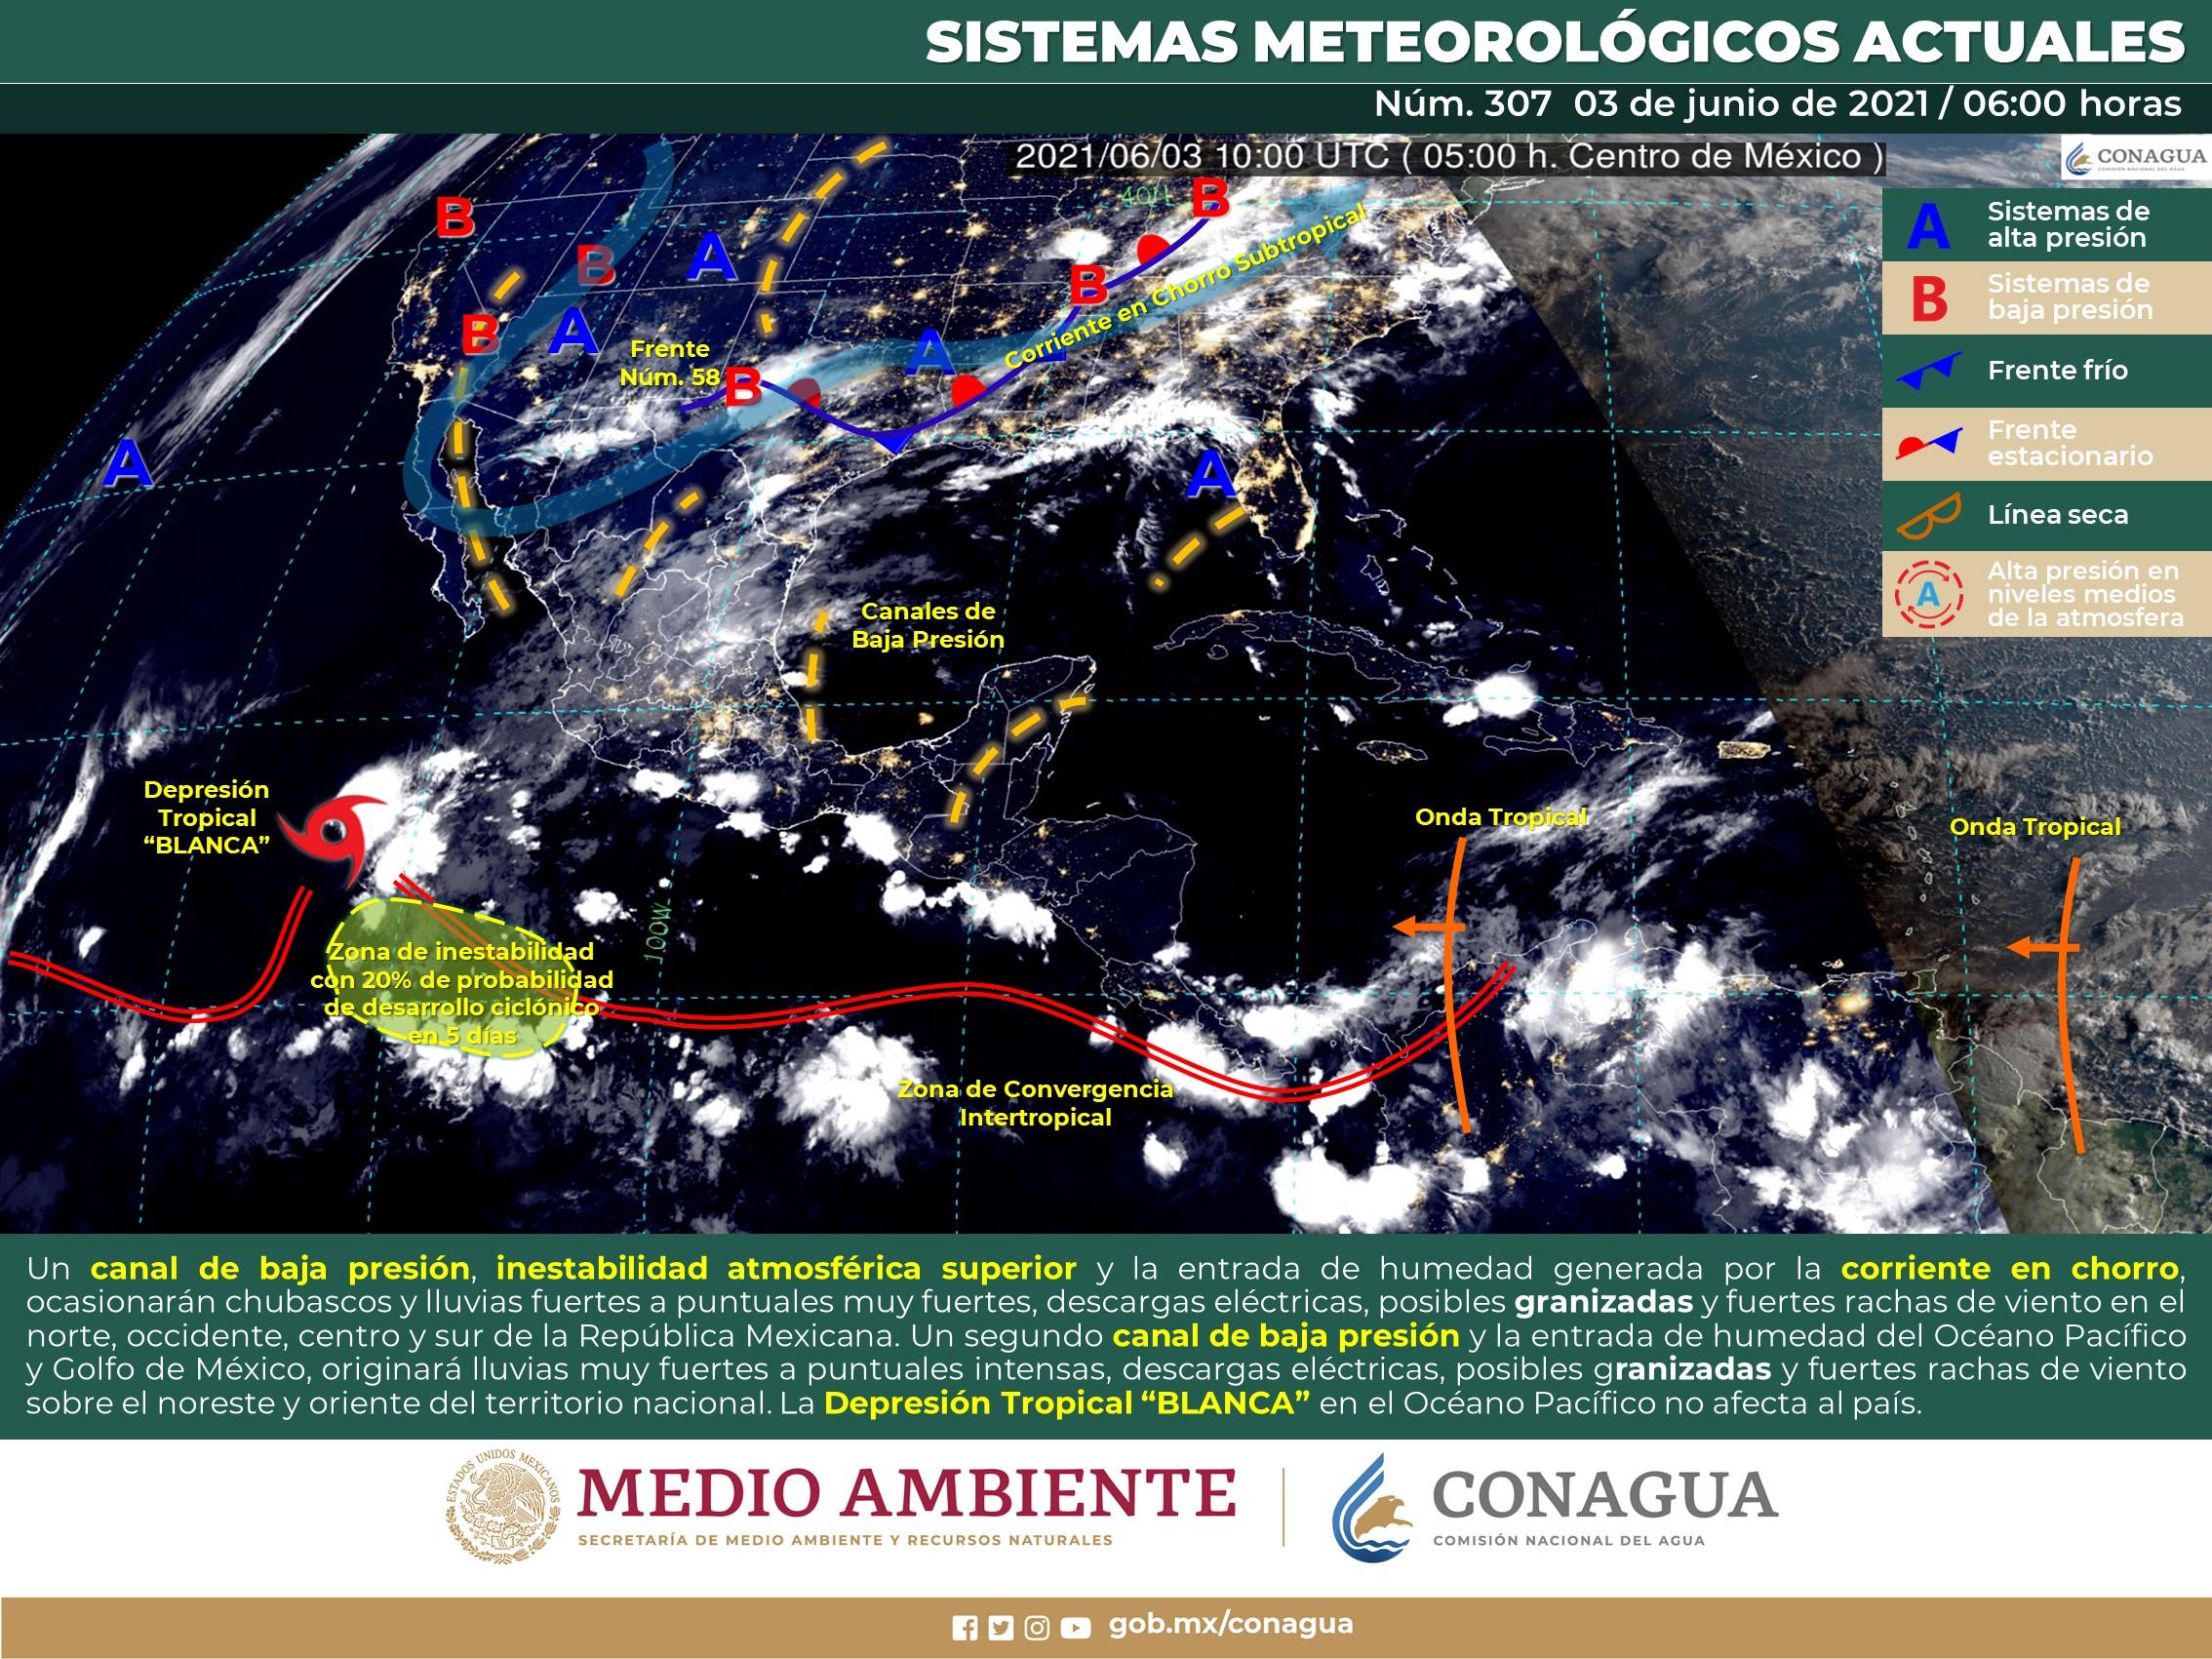 Clima en México: Lluvias fuertes y altas temperaturas en distintos estados del País